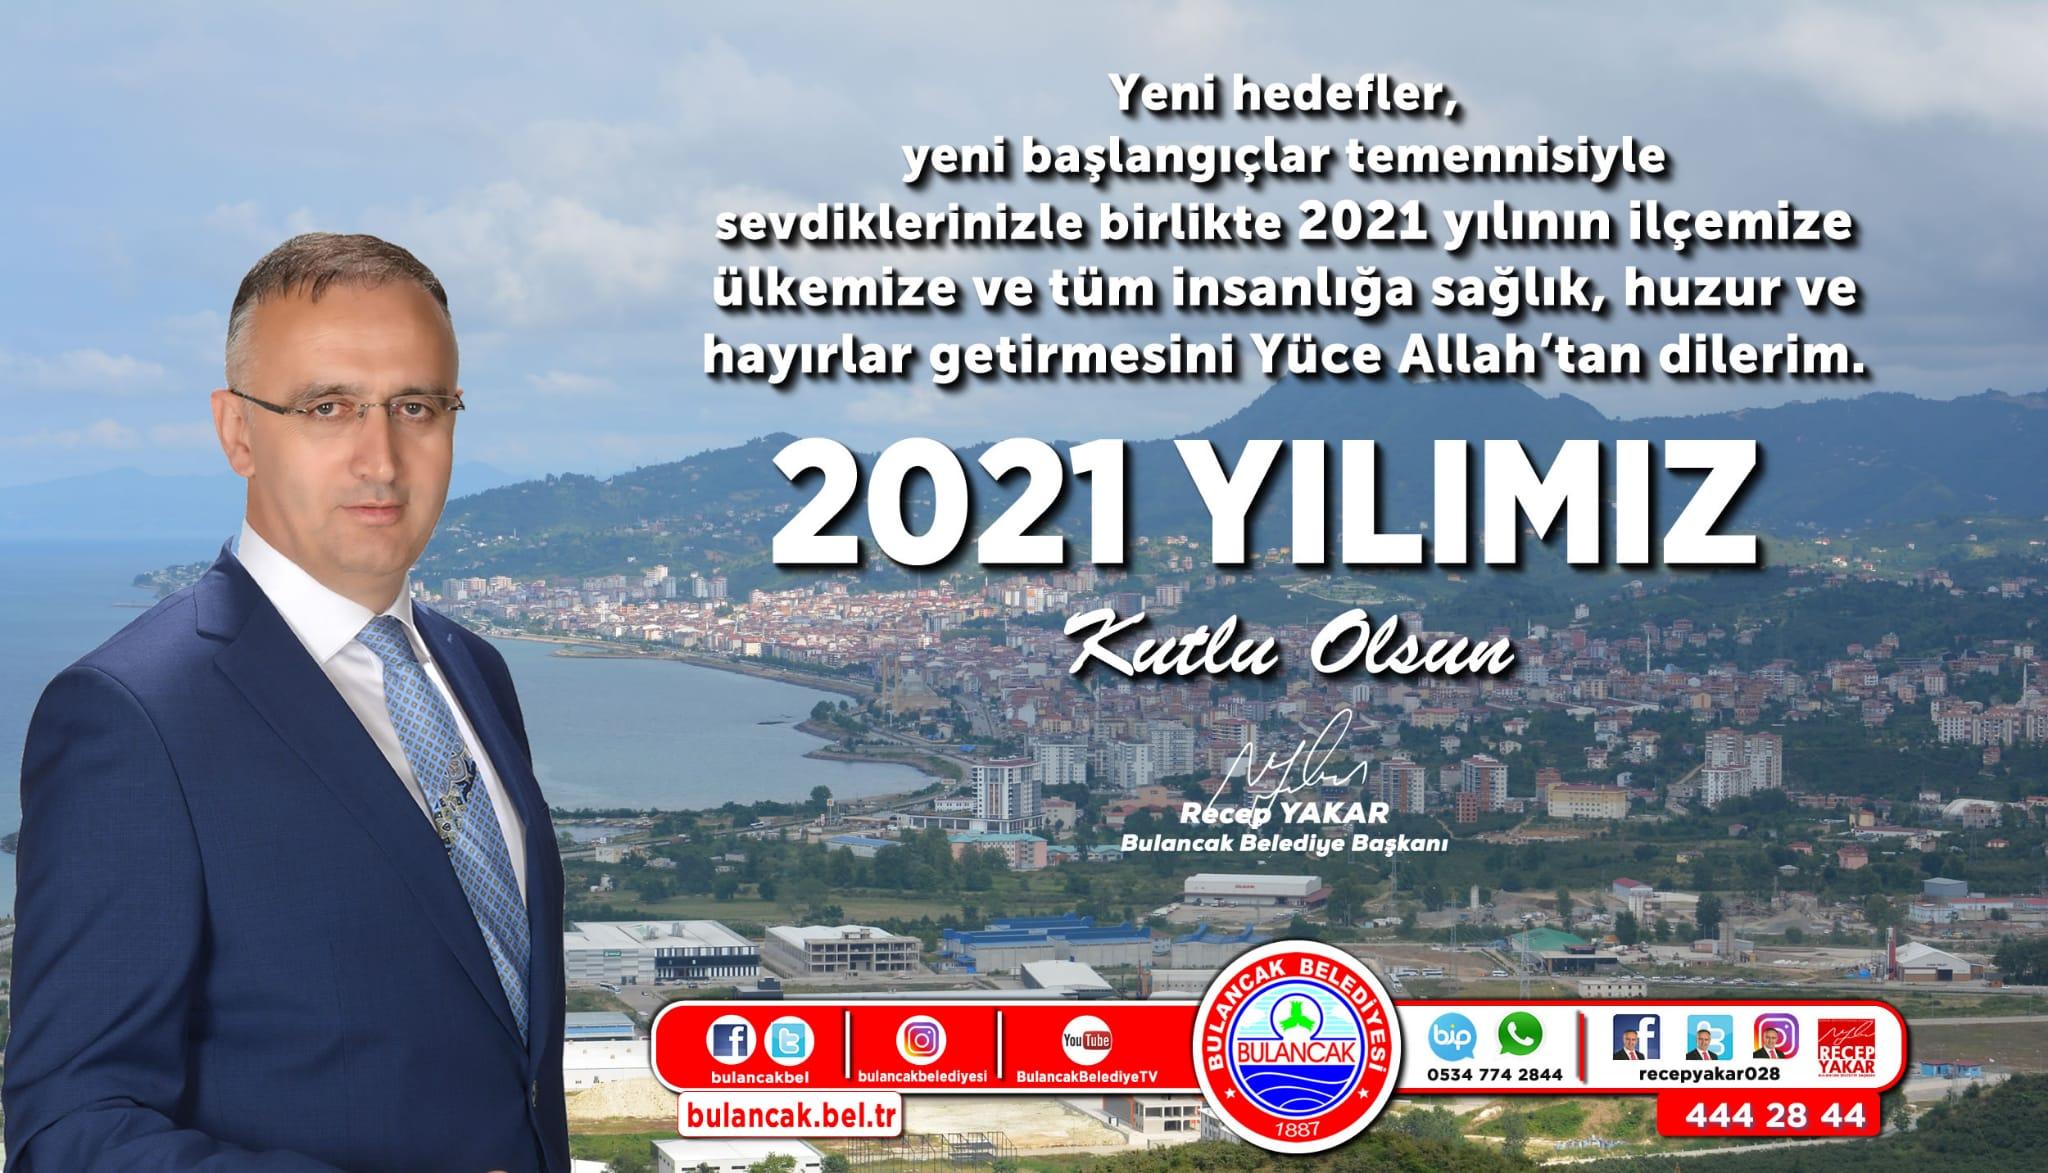 Başkan Yakar'dan Yeni Yıl Mesajı